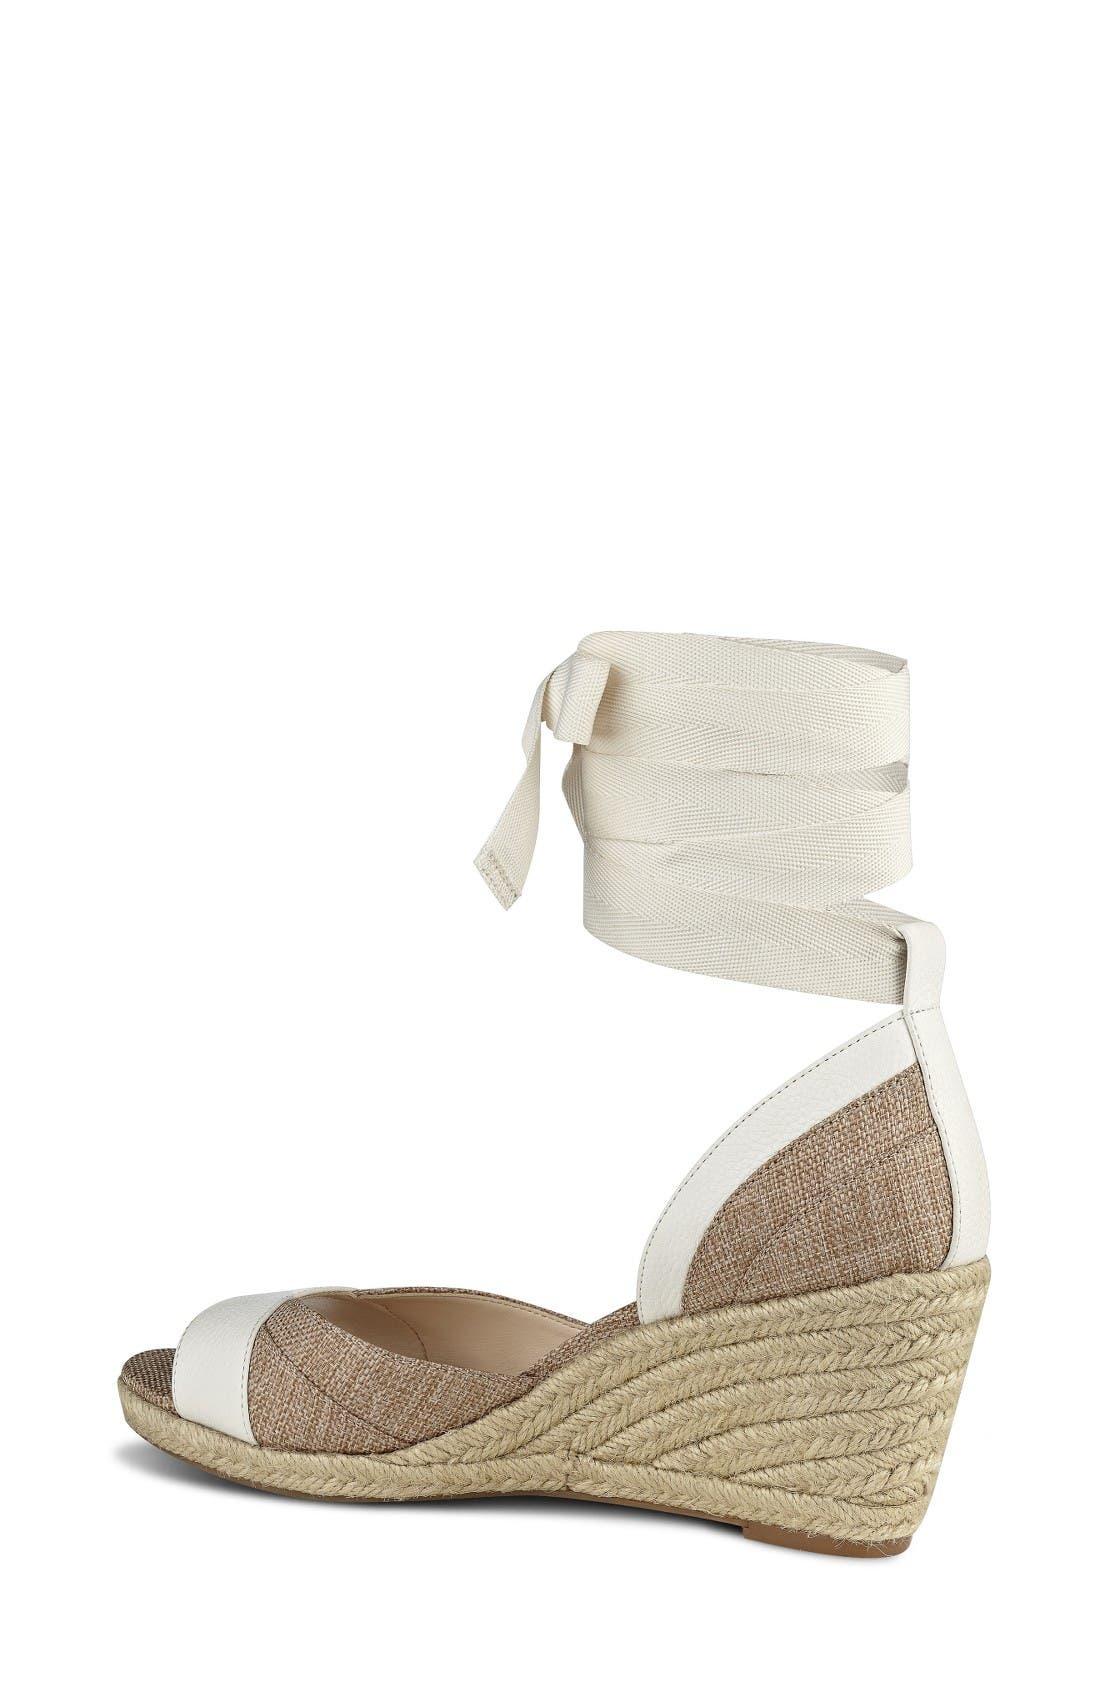 Alternate Image 2  - Nine West Jaxel Ankle Tie Wedge Sandal (Women)